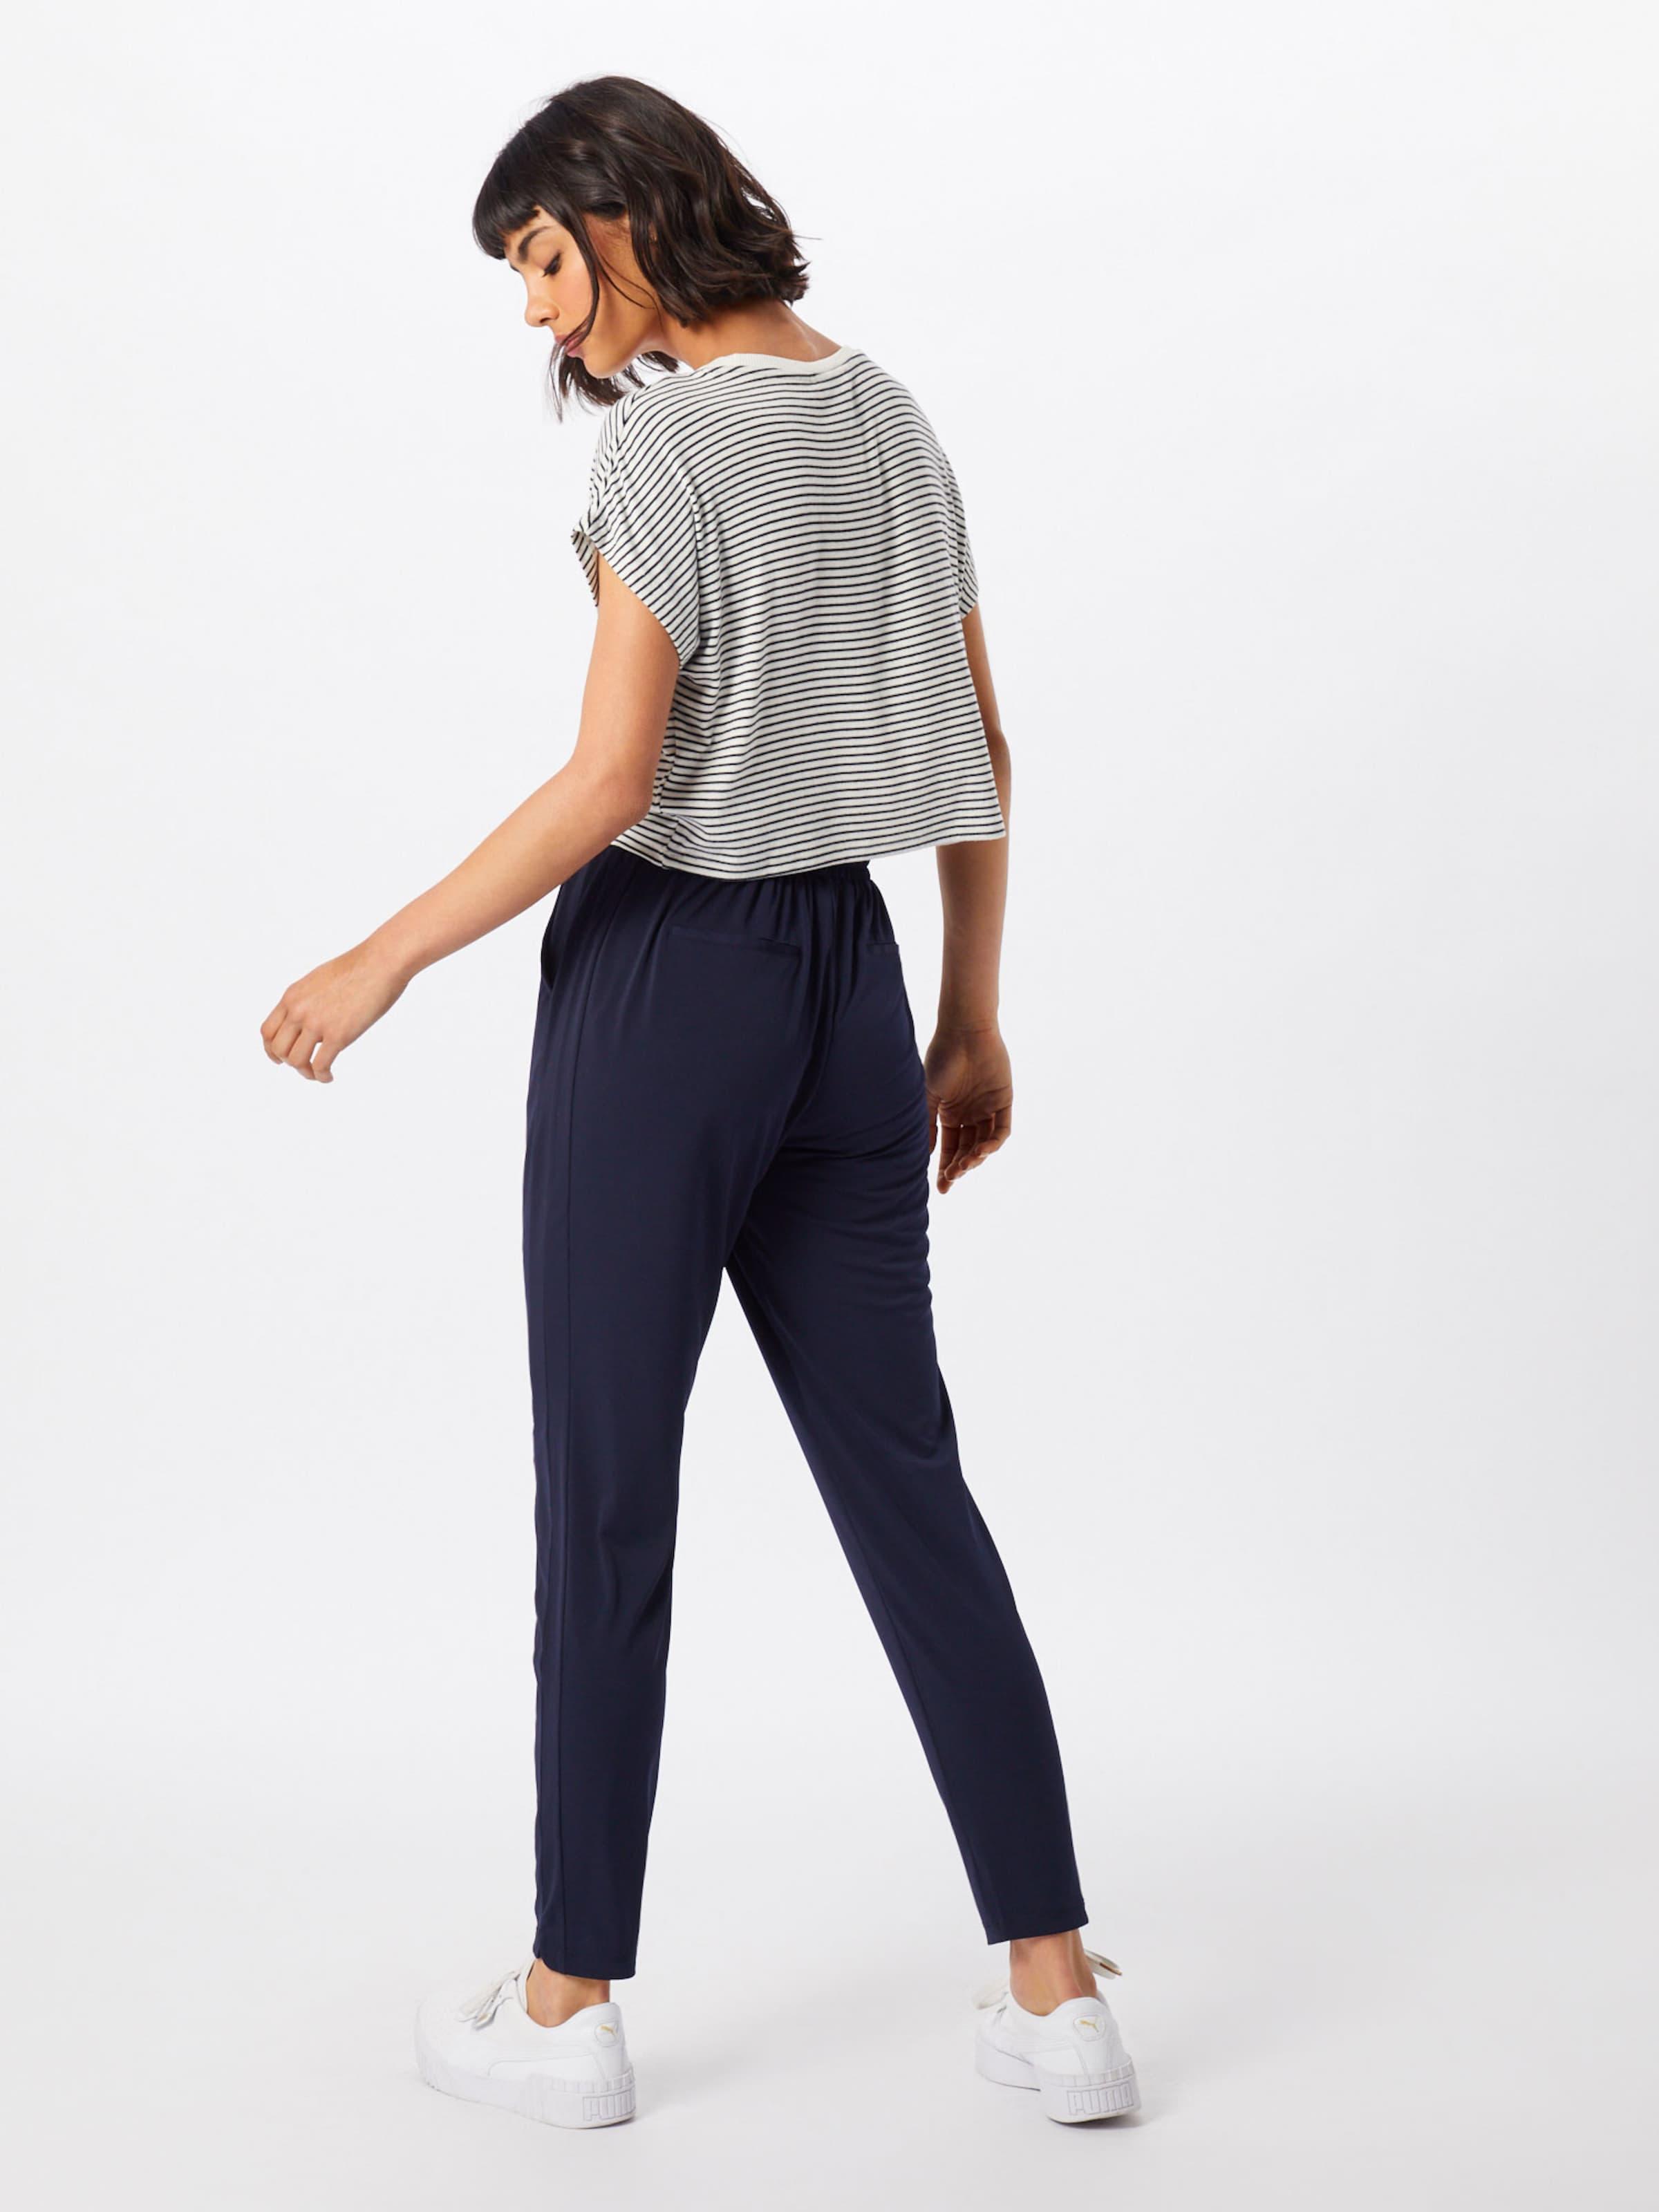 Label Marine S Pantalon En Bleu oliver Red XZnP0wN8Ok